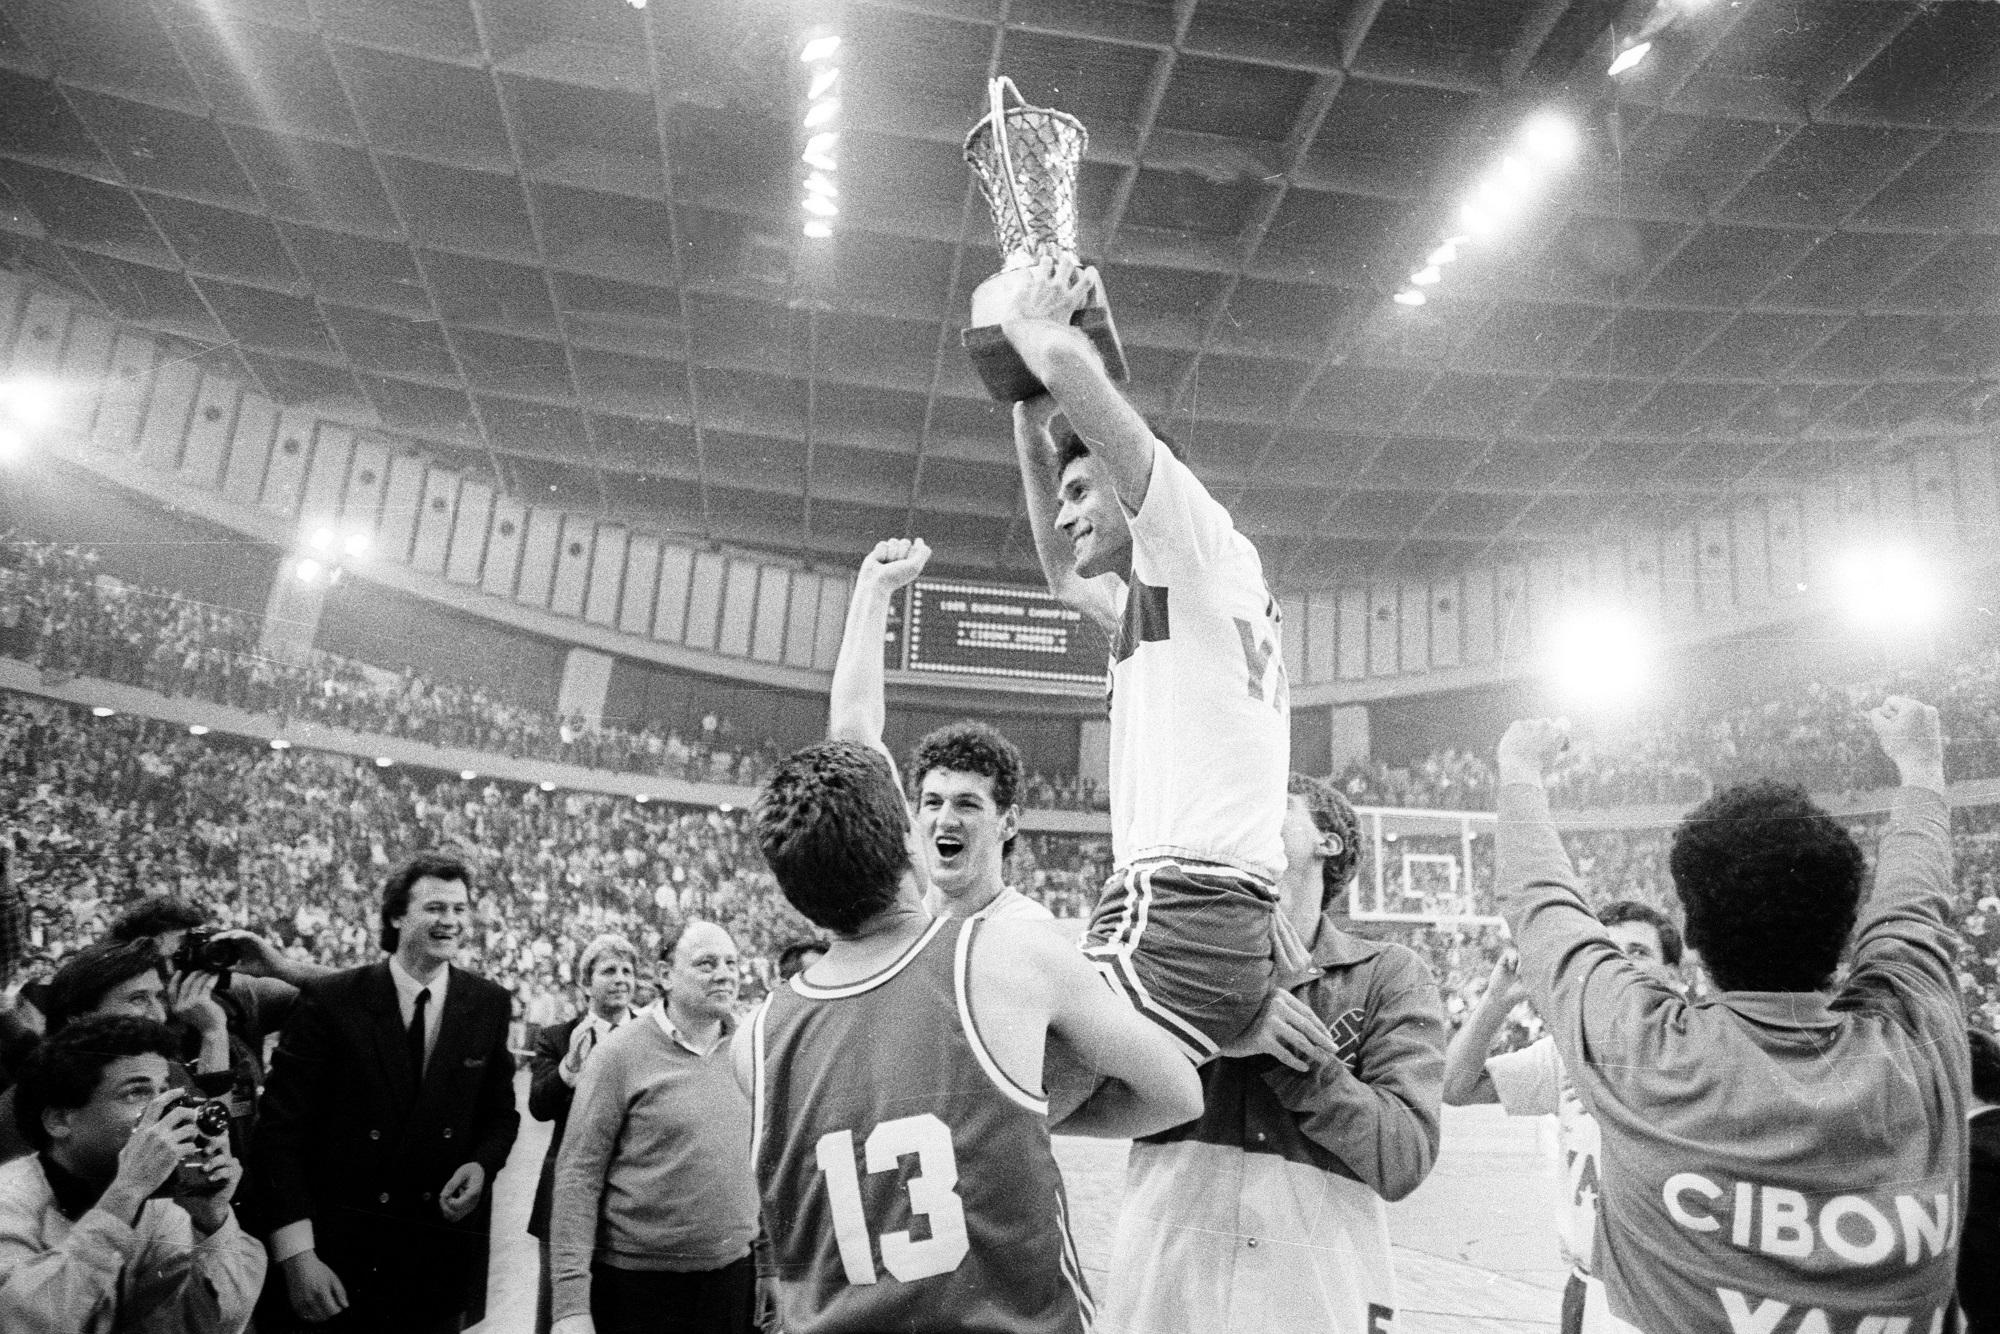 Cibona prvak 85'